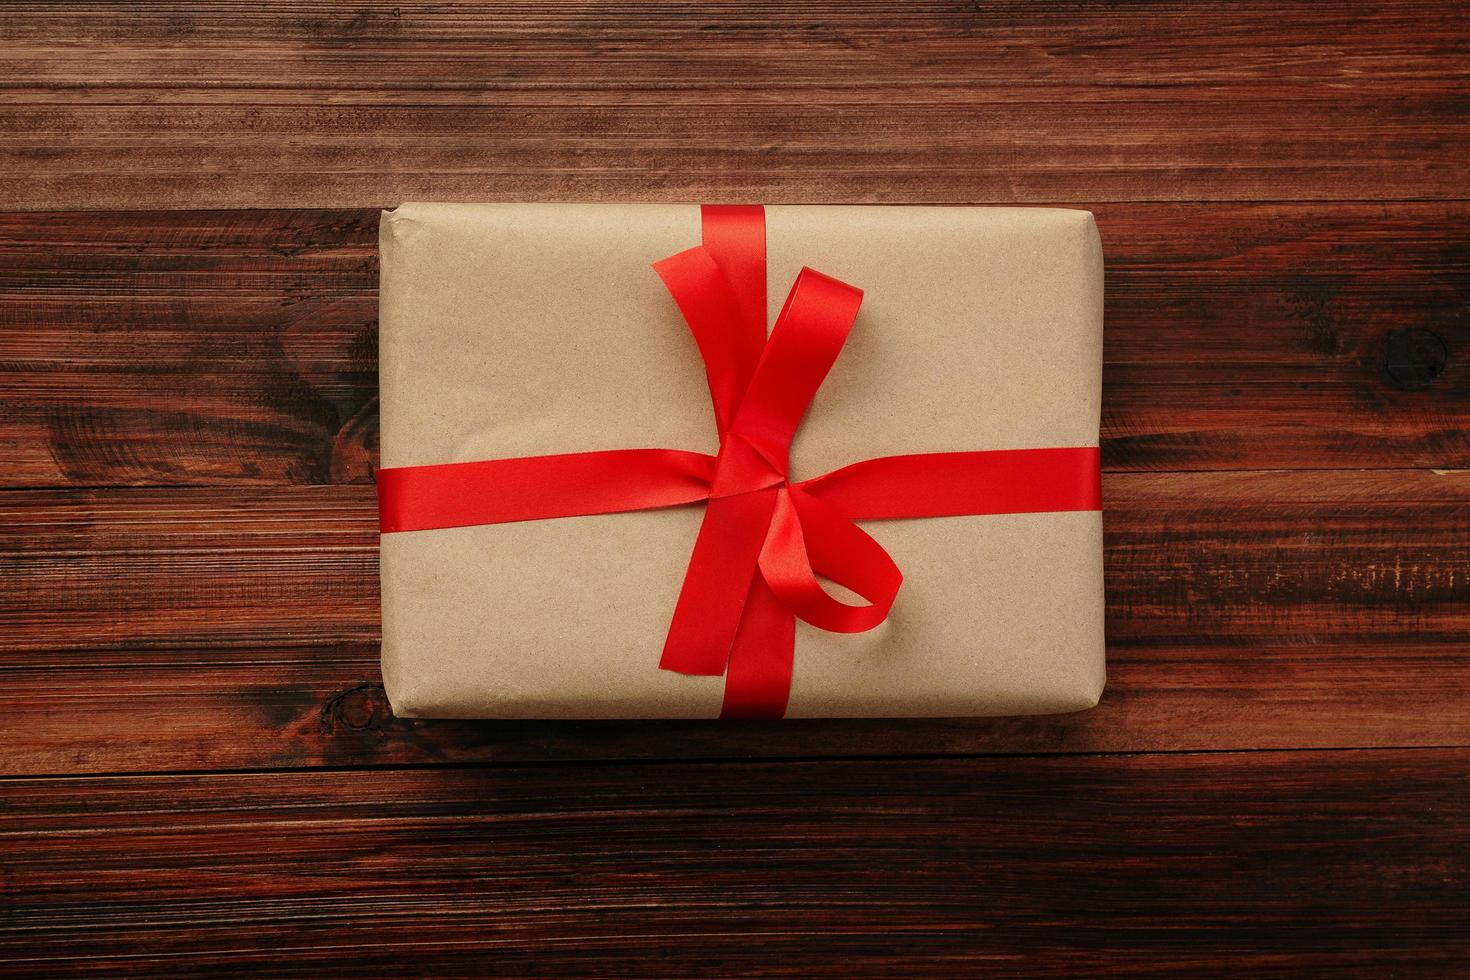 vista superior de la caja de regalo foto